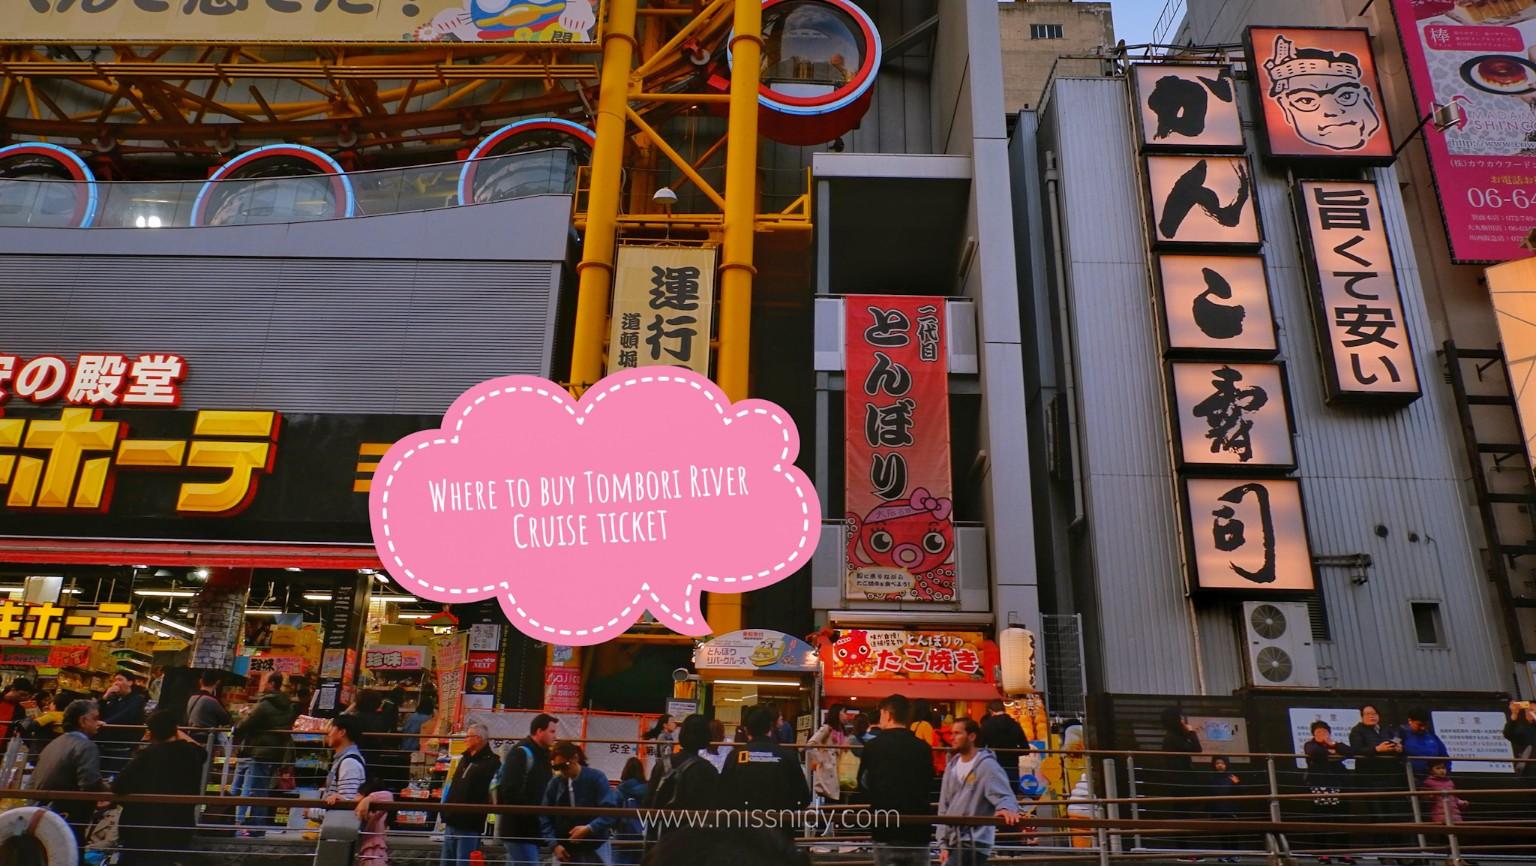 lokasi loket penjualan tiket tombori river cruise osaka